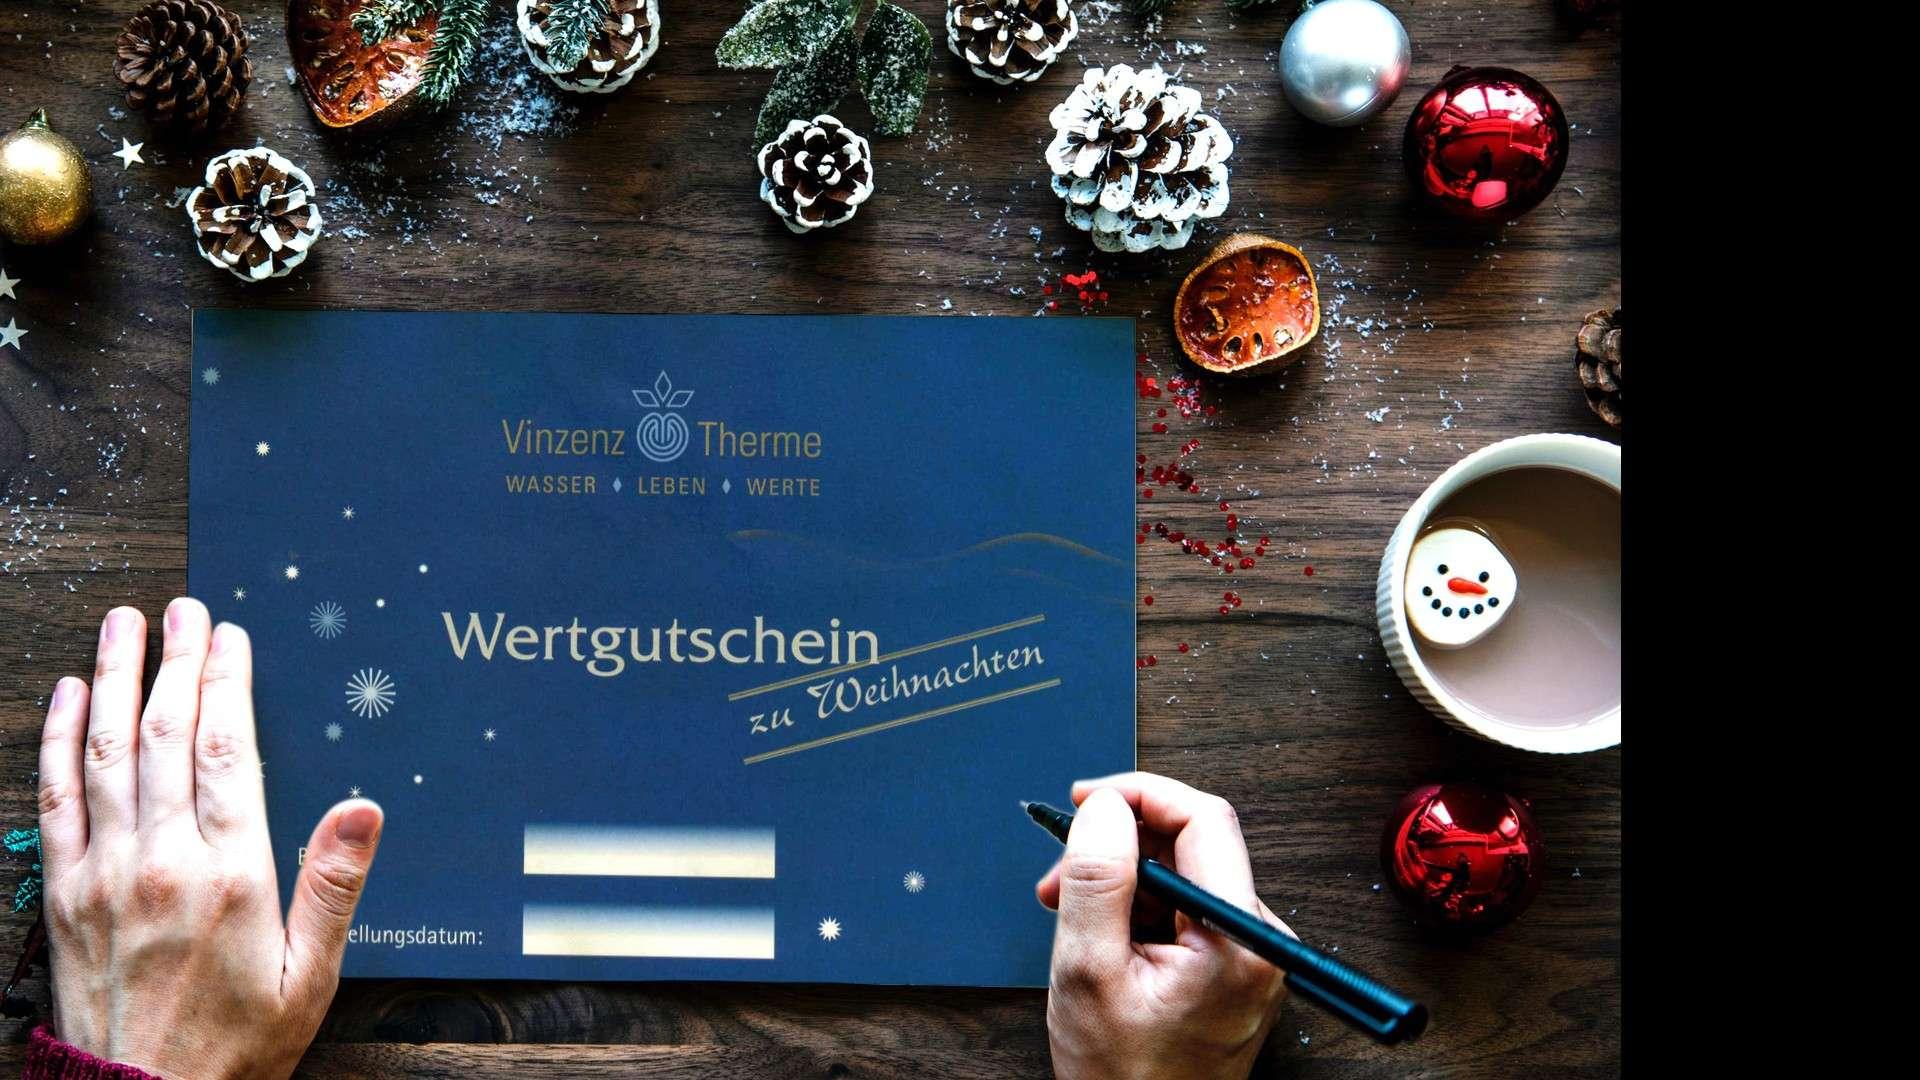 Geschenkidee Wertgutschein Vinzenz Therme Weihnachtsgeschenk